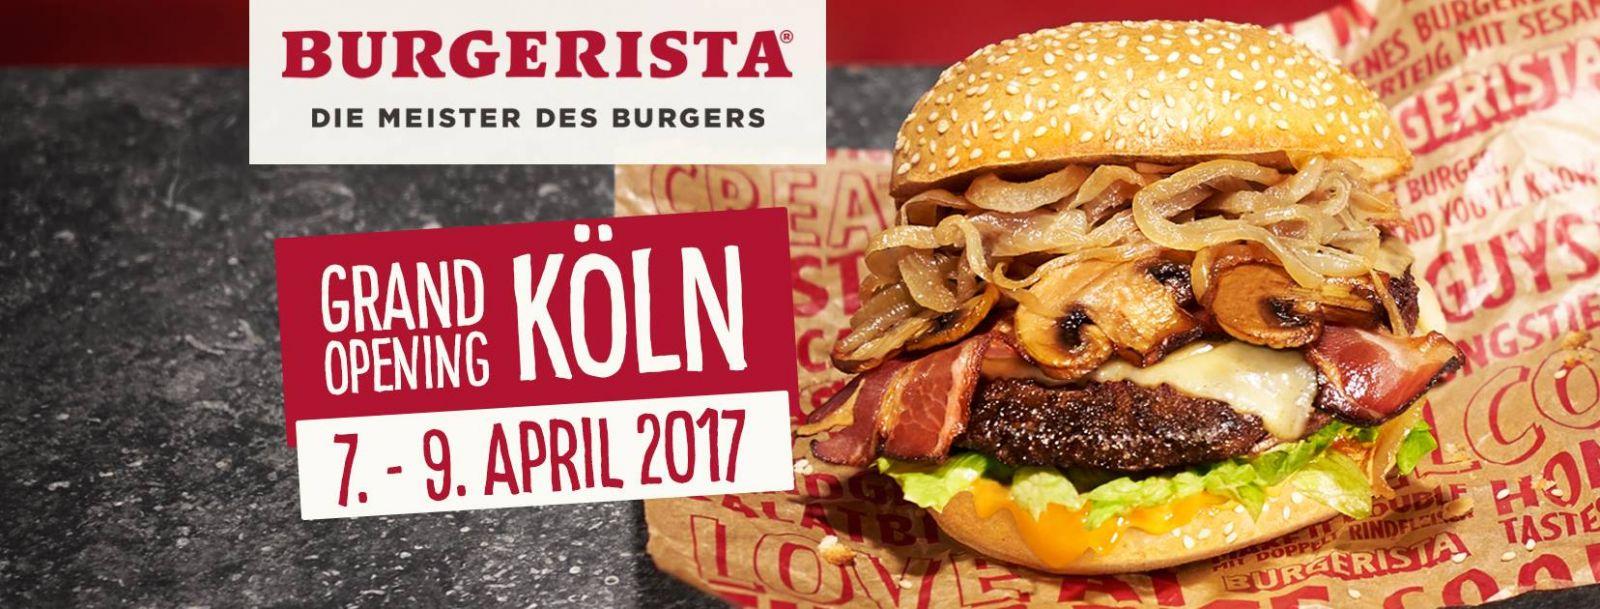 Lokal: Köln - Burgerista Neueröffnung bis zu 50% durch Coupons